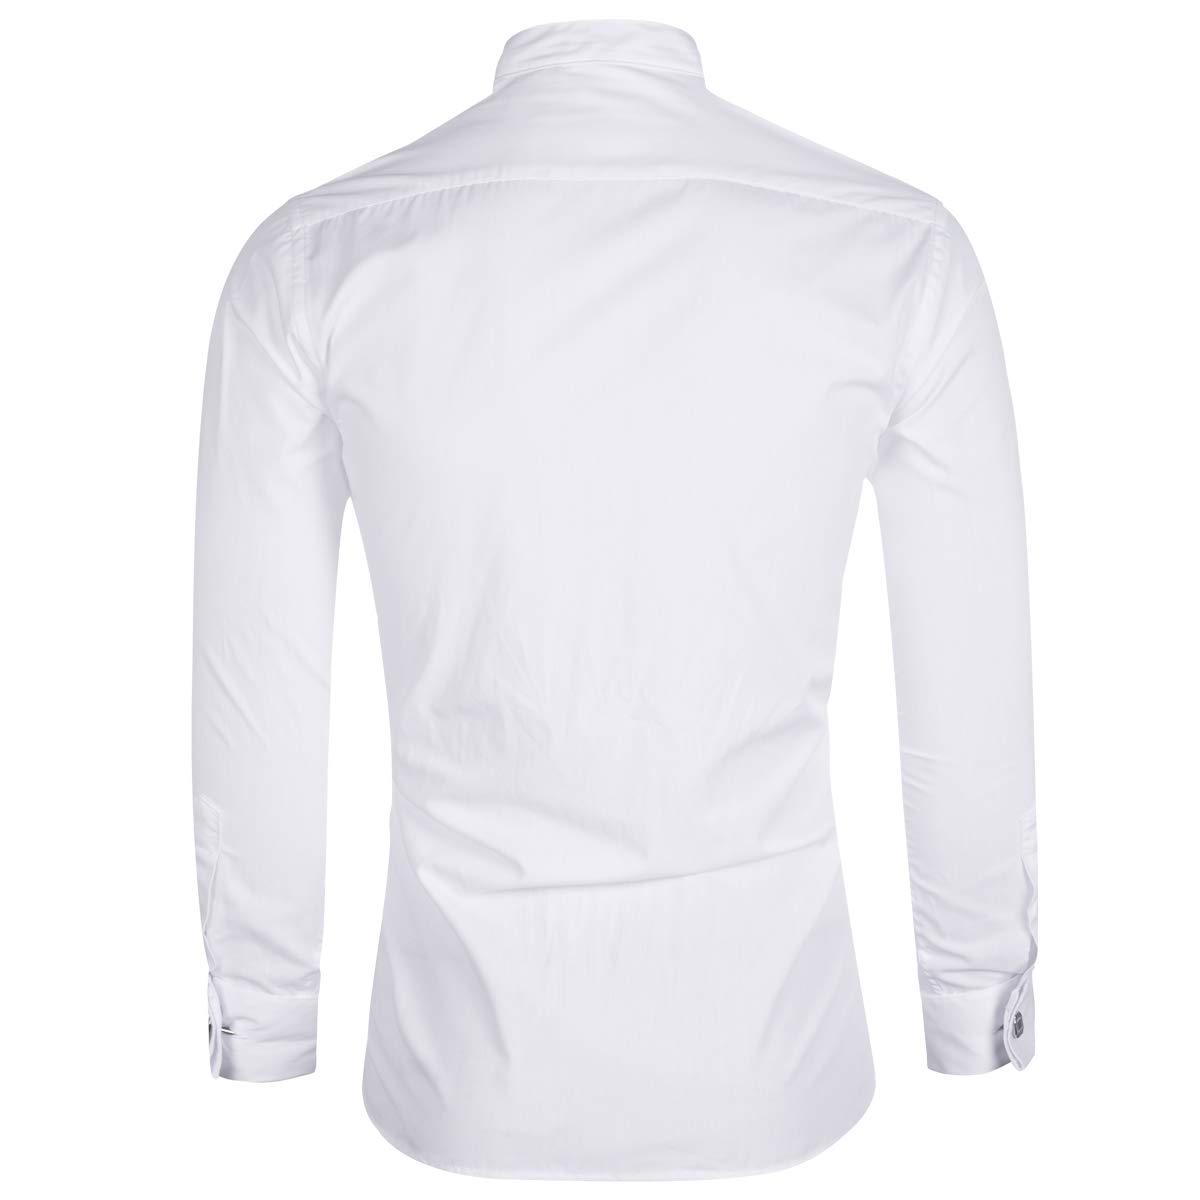 Sliktaa Camicia Elegante da Uomo Camicia da Smoking Smoking da Cerimonia Nuziale Camicia da Collo Pieghettata Pieghettata